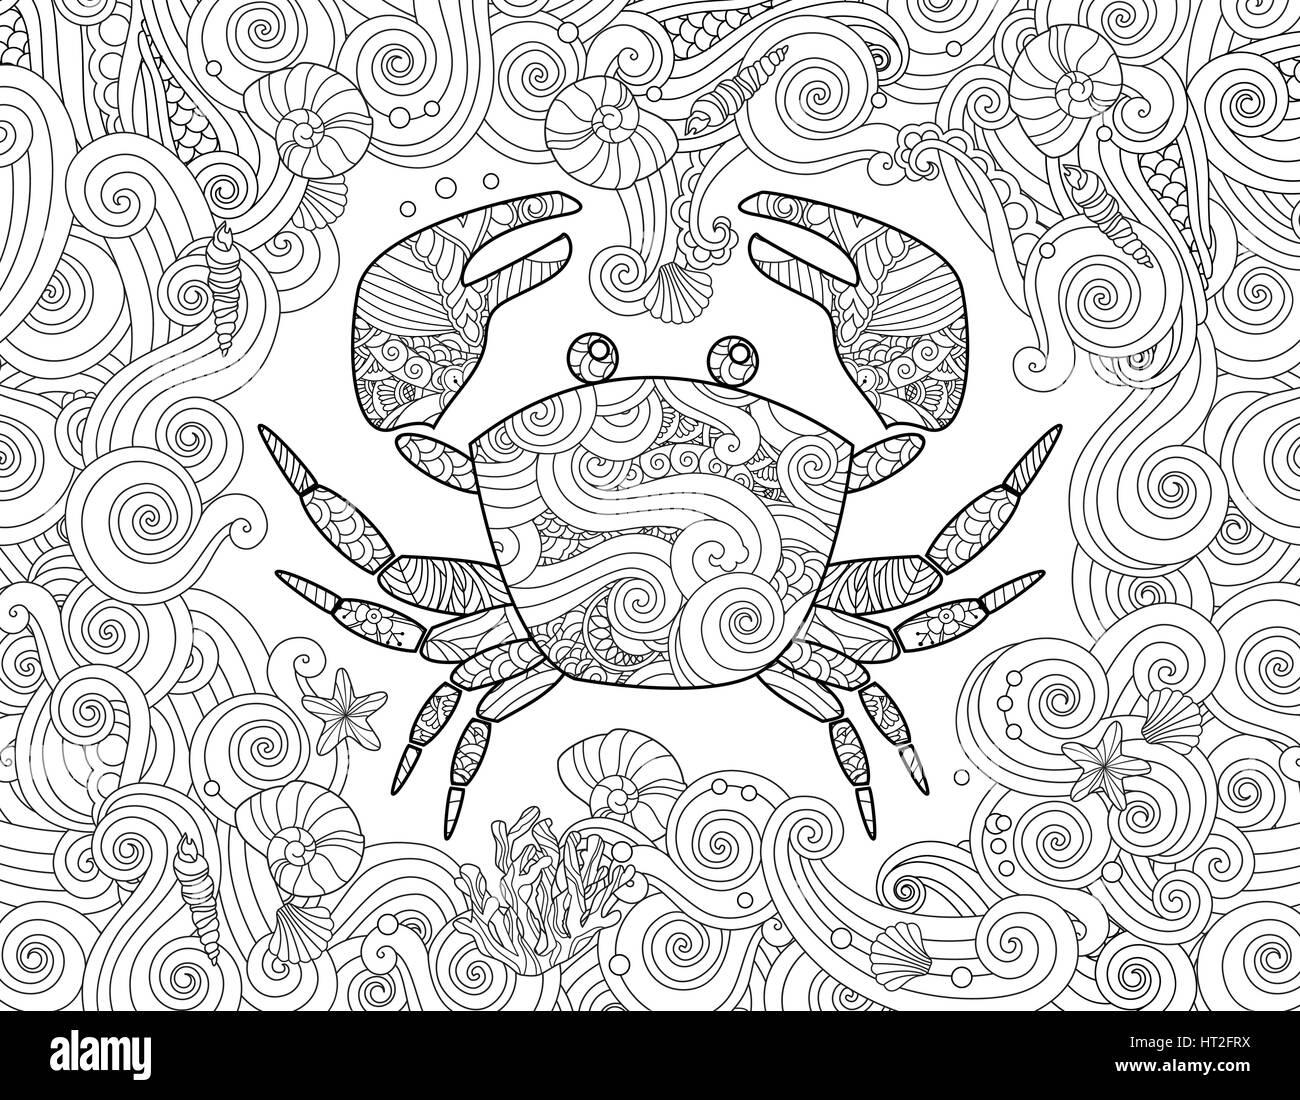 Malvorlagen. Reich verzierte Krabben und Meer Welle Curl Hintergrund ...